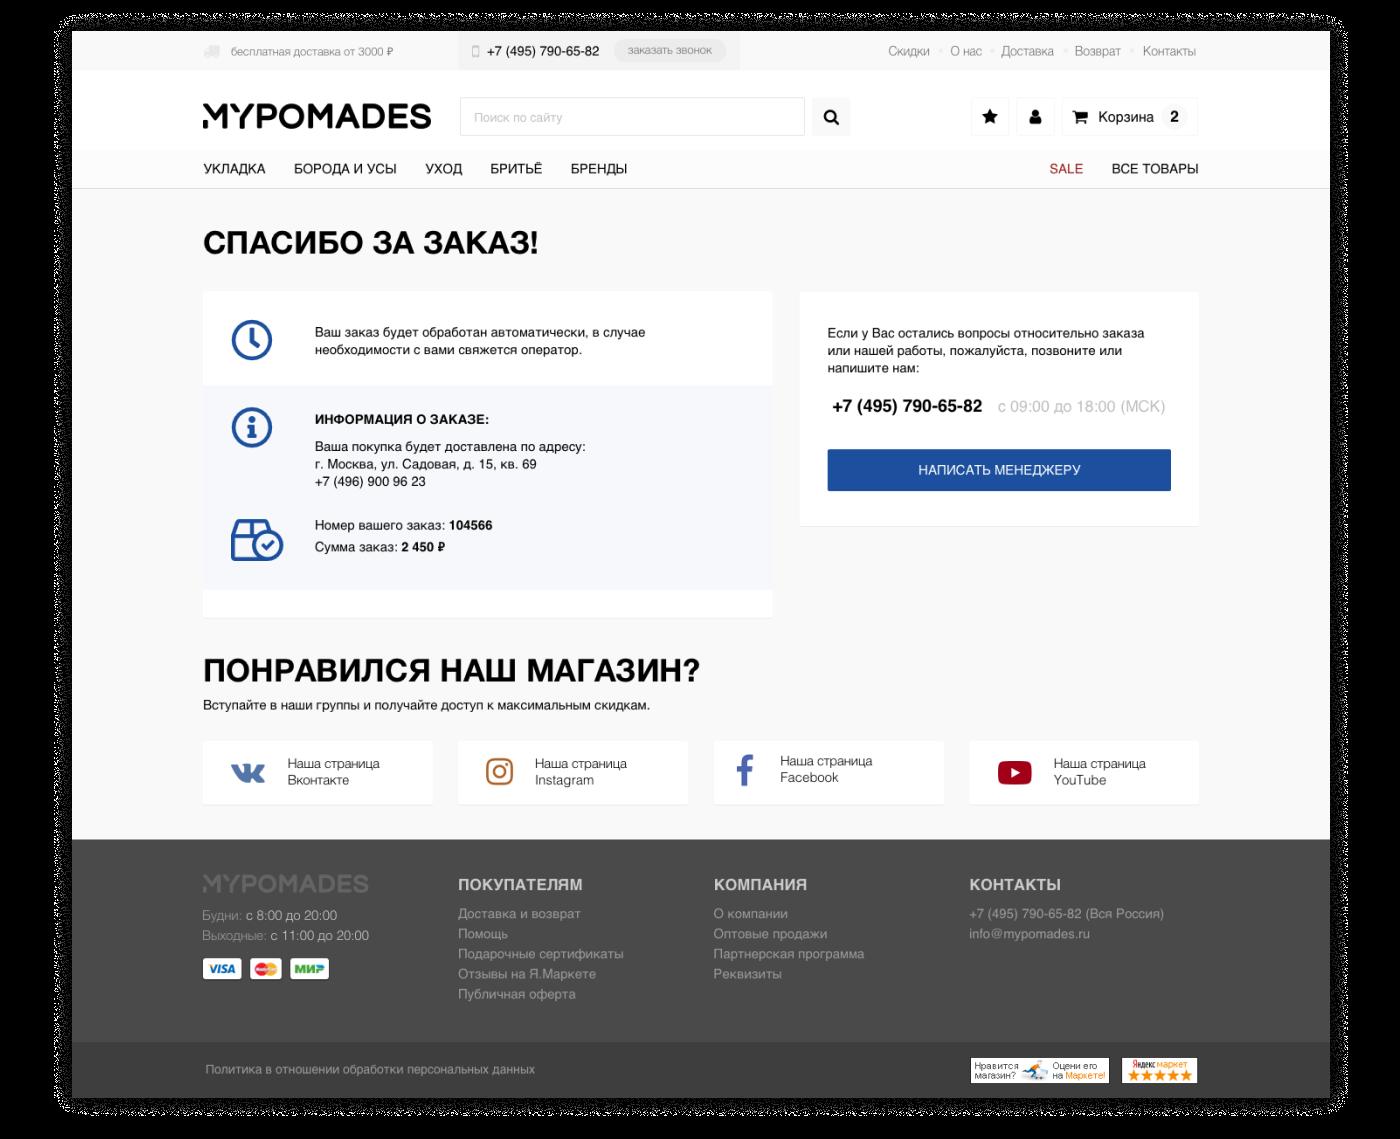 Интернет-магазин мужской косметики MyPomades.Ru